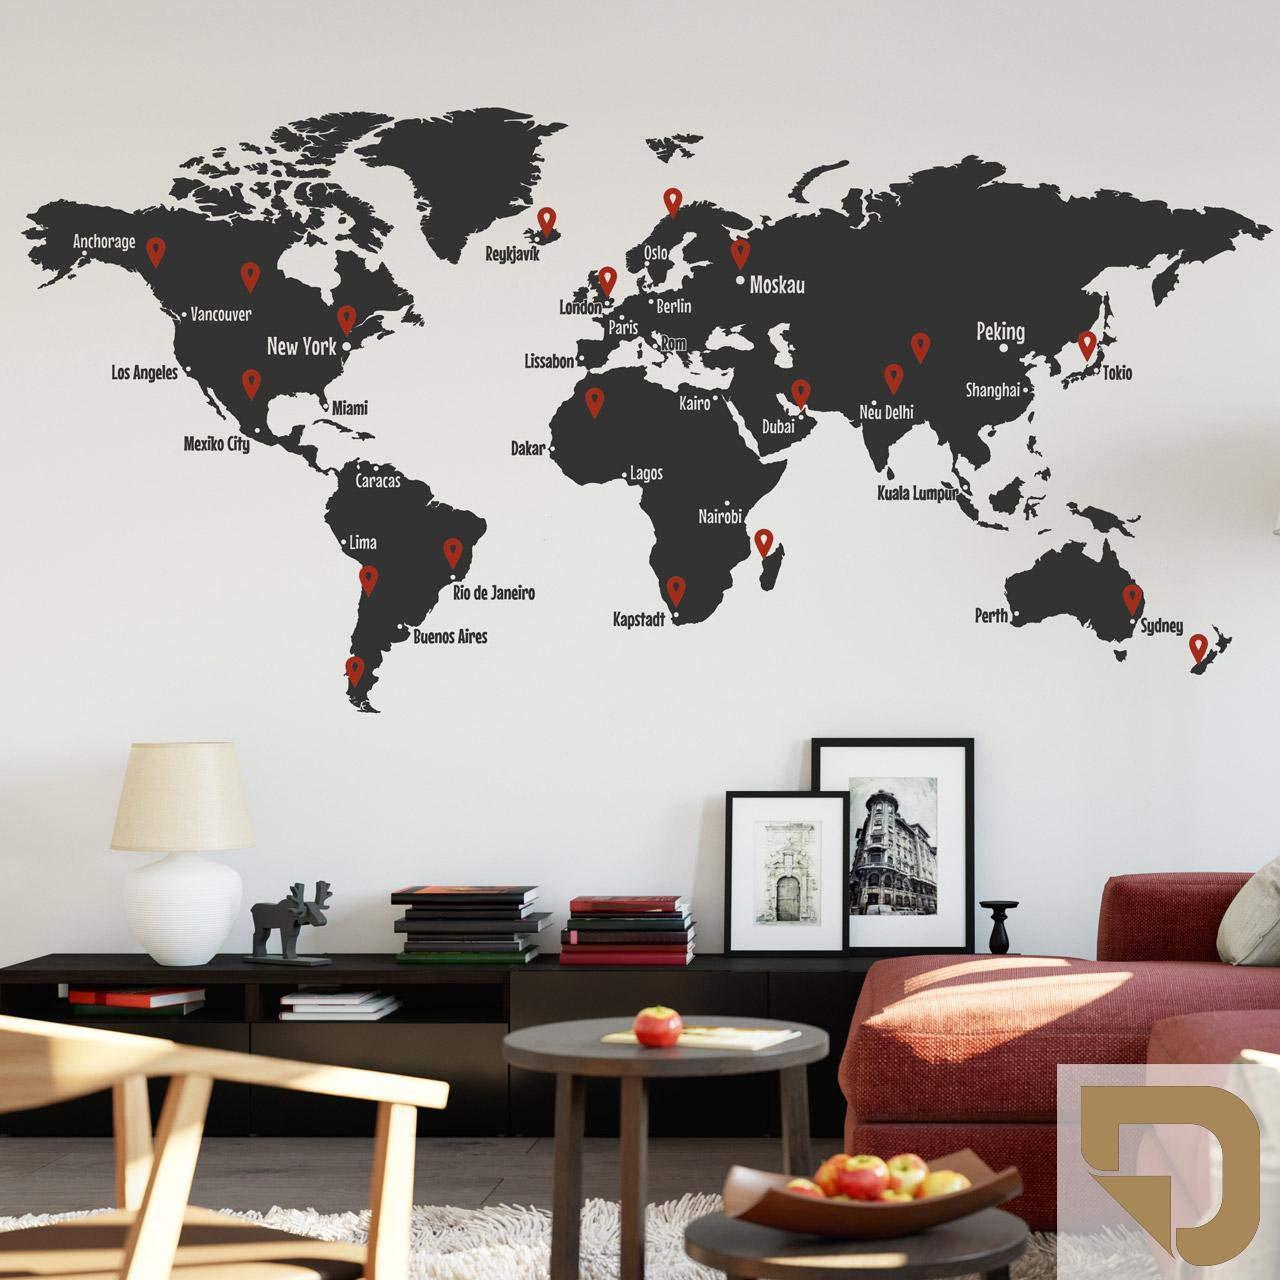 DESIGNSCAPE® Wandtattoo Weltkarte mit Städtenamen und Pins zum Markieren von Reisezielen und Wunschorten 160 x 78 cm (Breite x Höhe) Farbe 1  hellbraun DW807427-M-F10